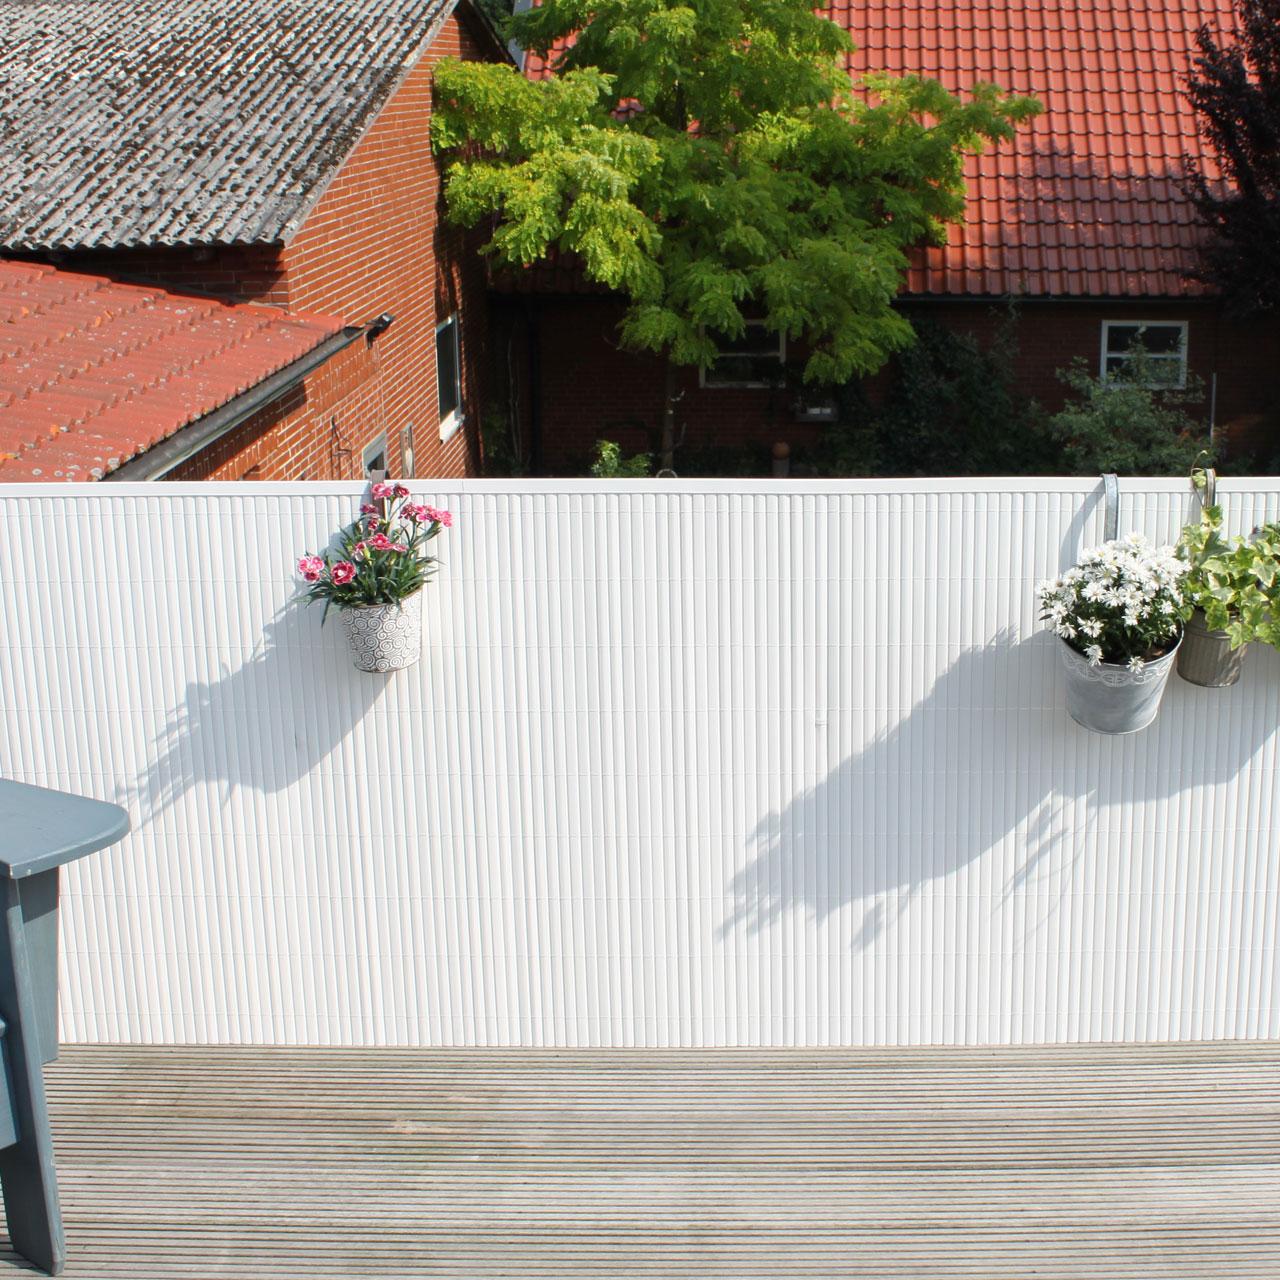 Sichtschutzmatte Pvc Kunststoff Rugen Weiss Sichtschutz Welt De